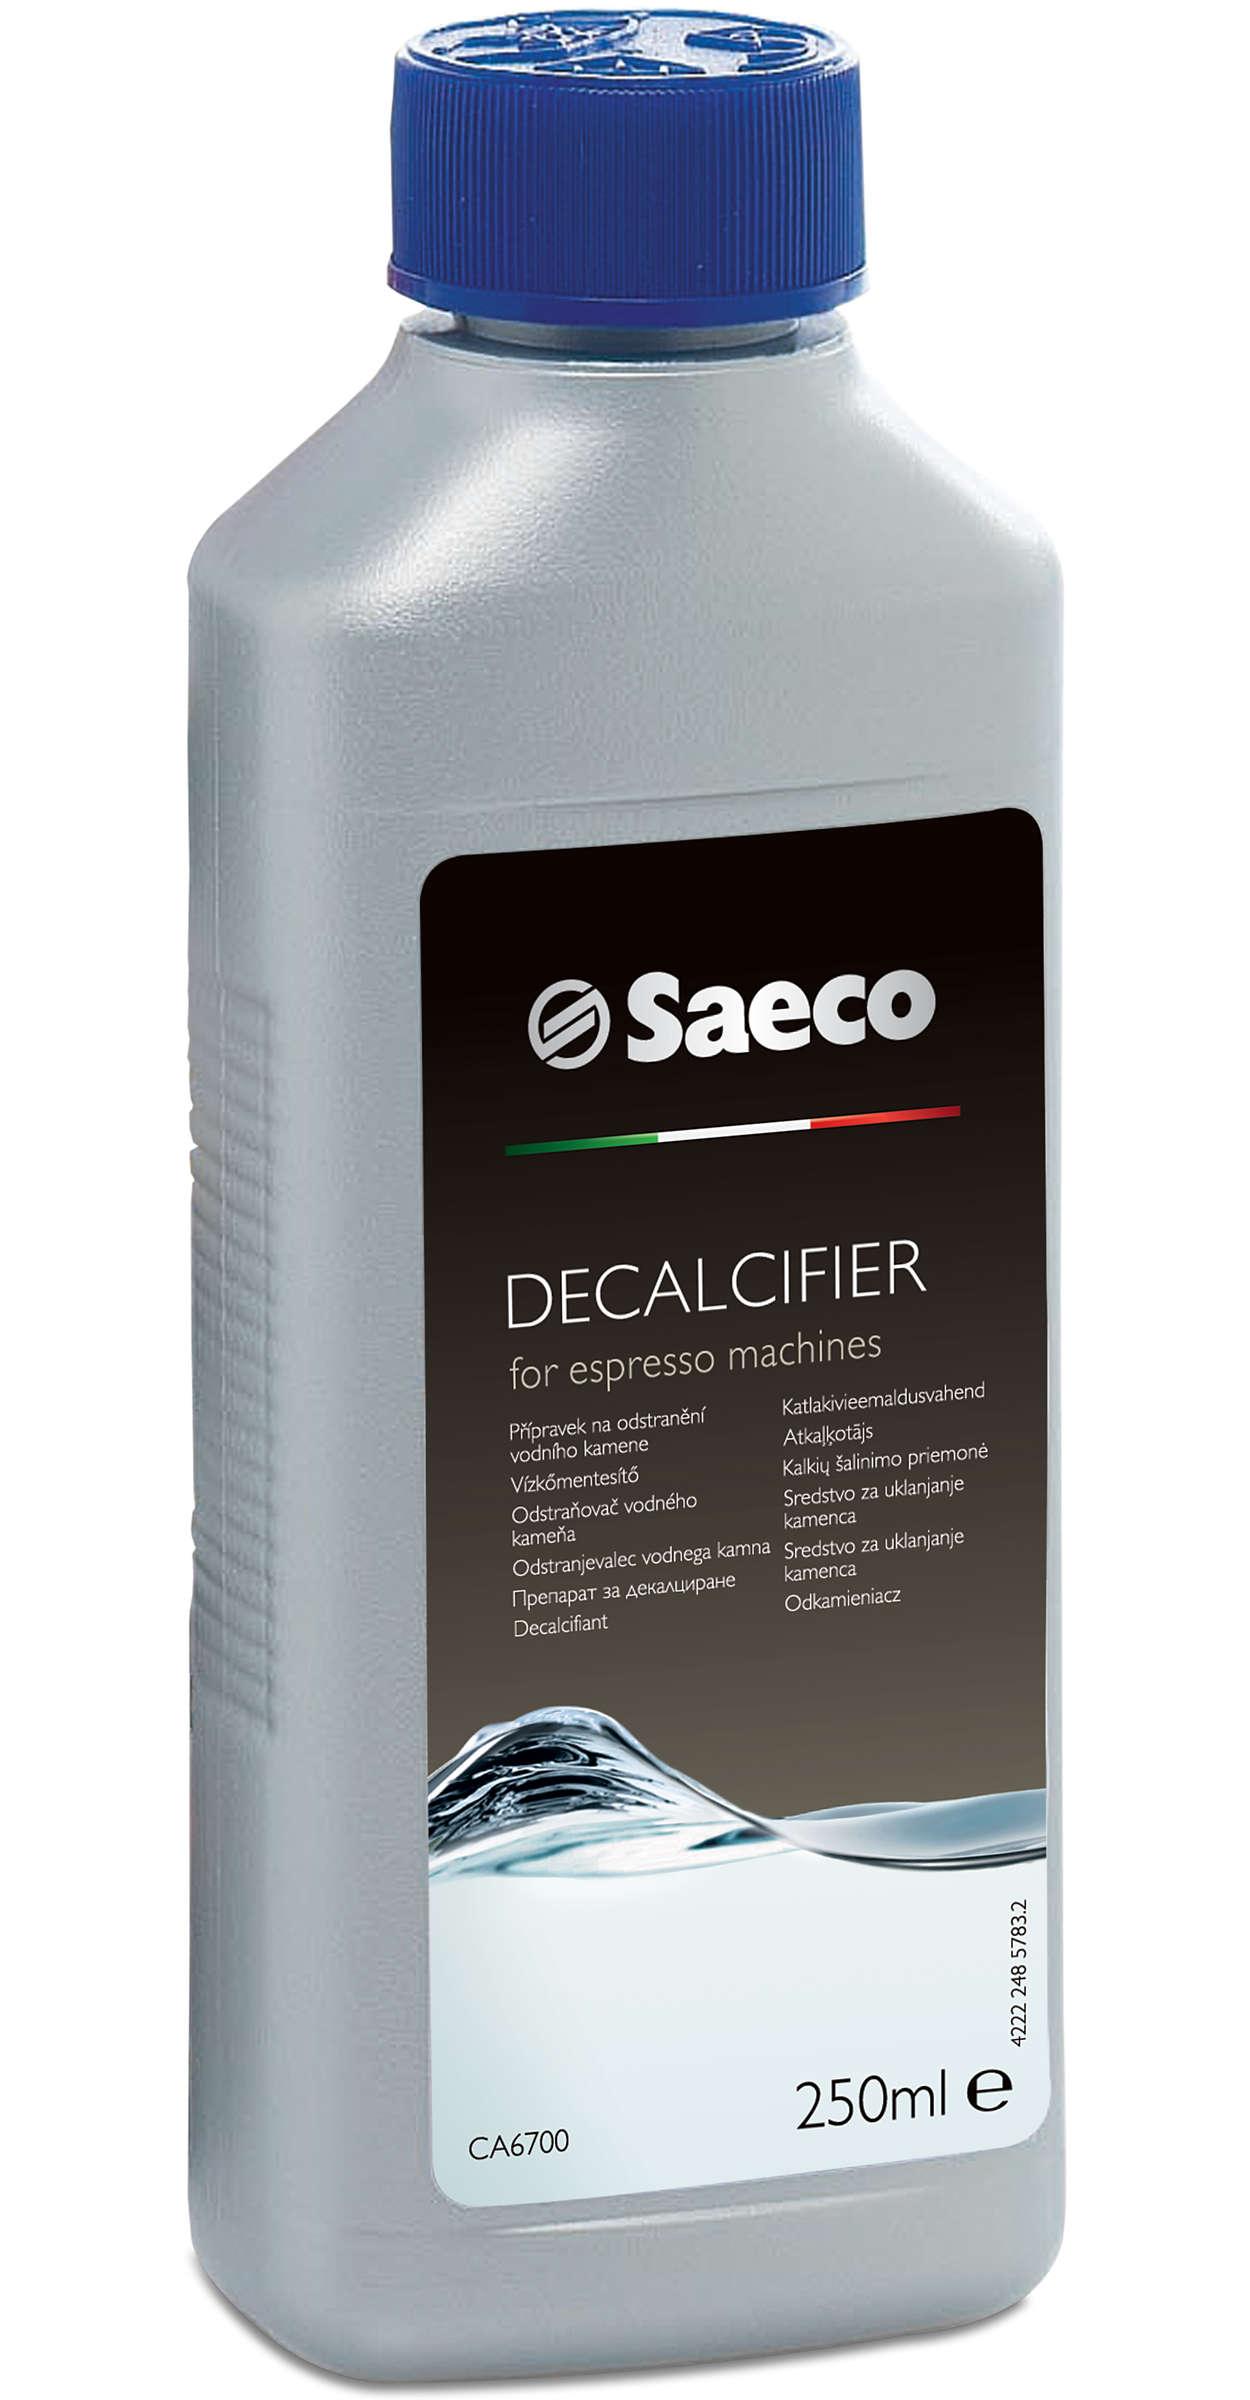 Protecţia perfectă pentru espressorul tău